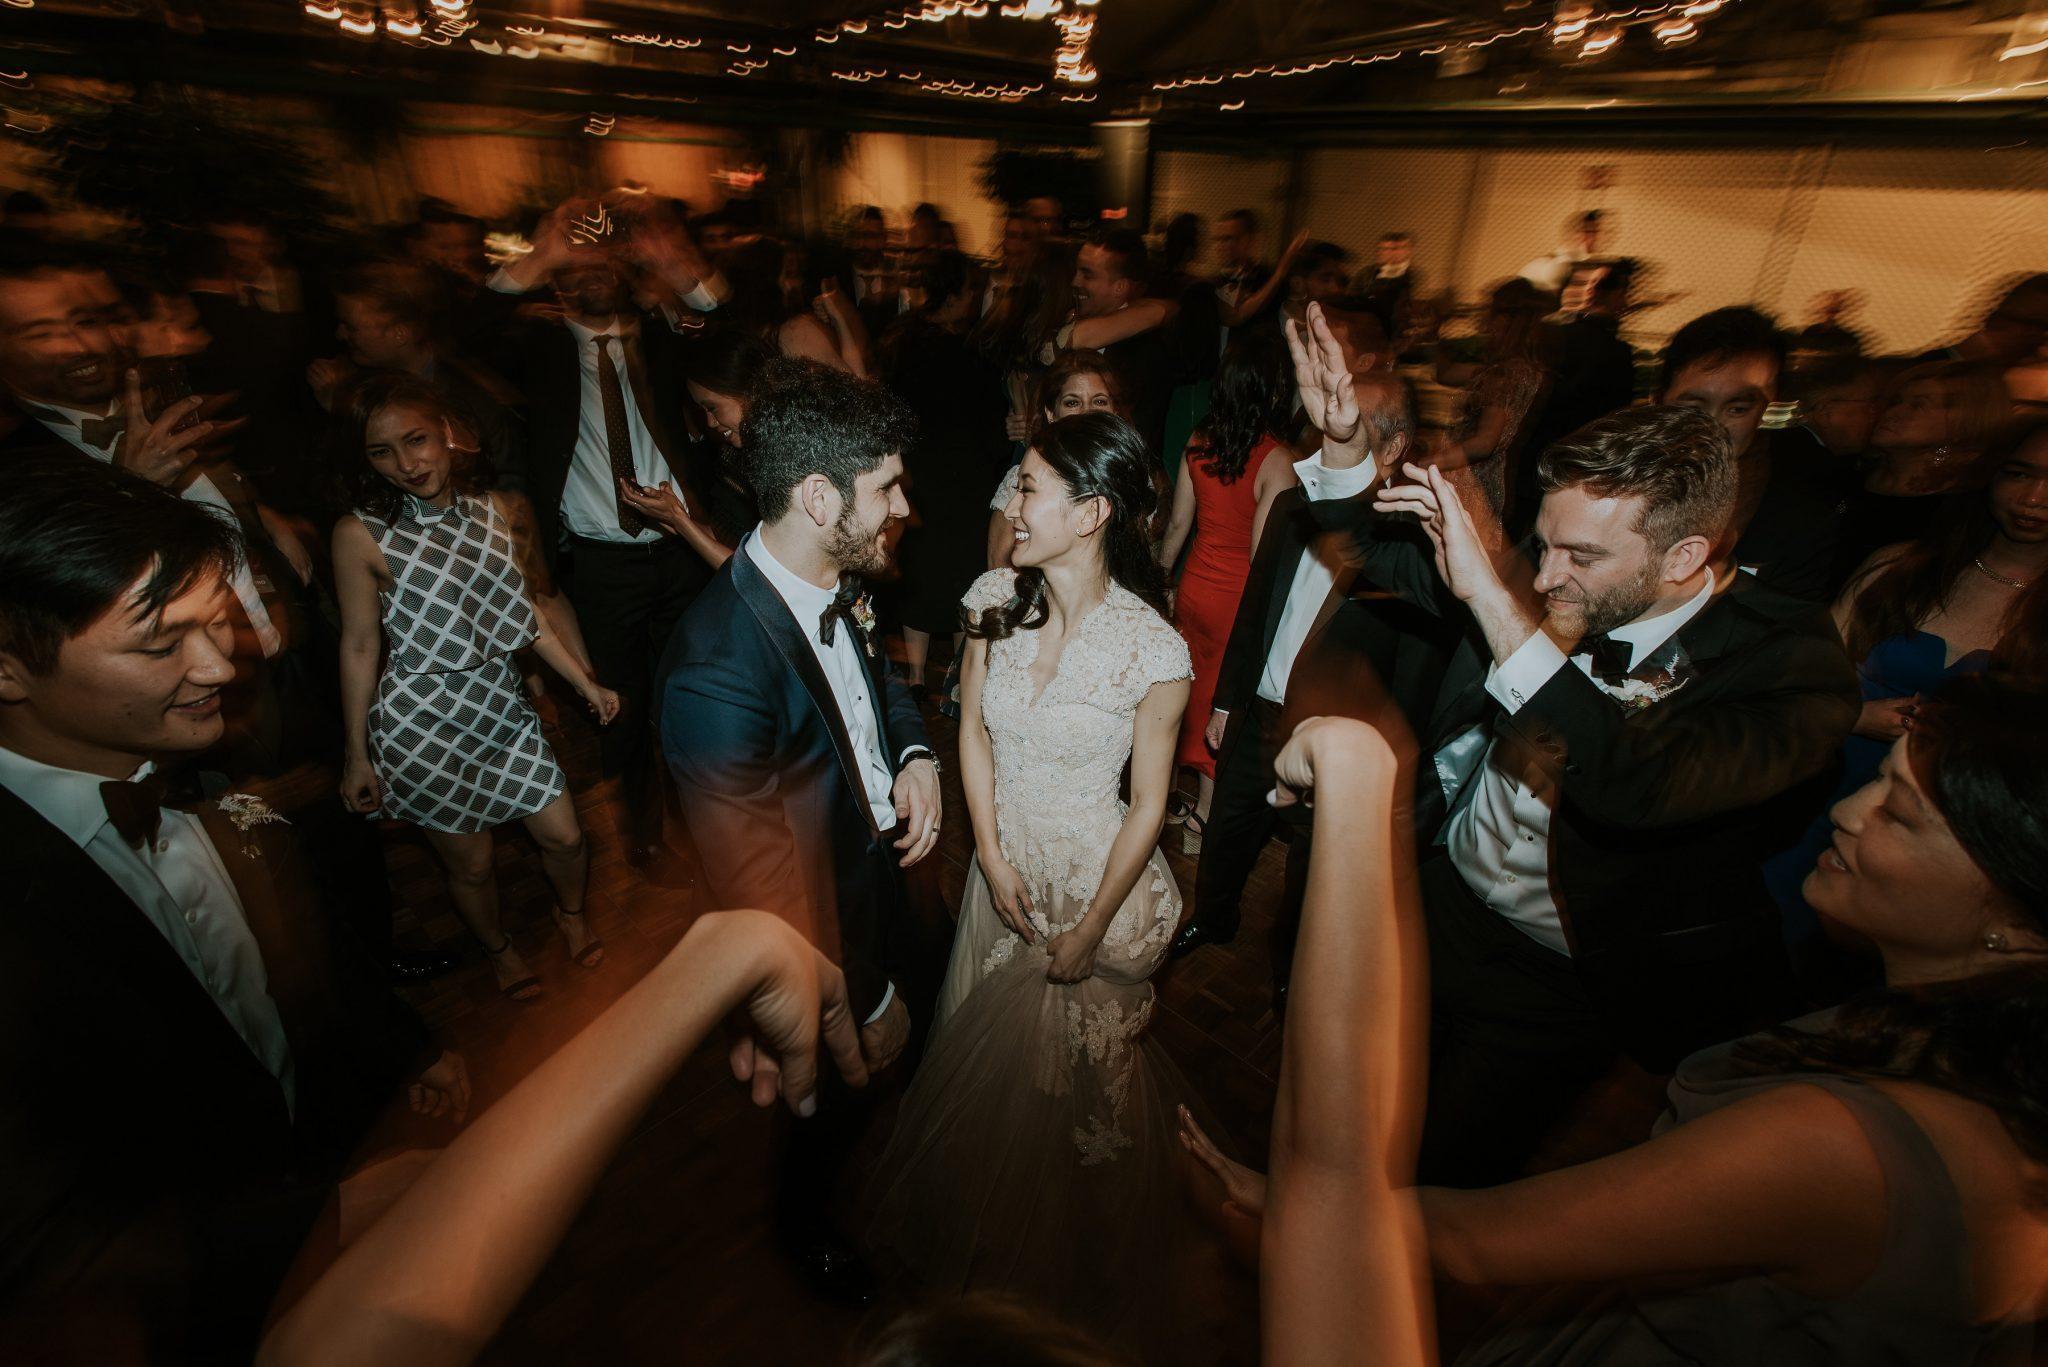 Dance Floor Bride and Groom